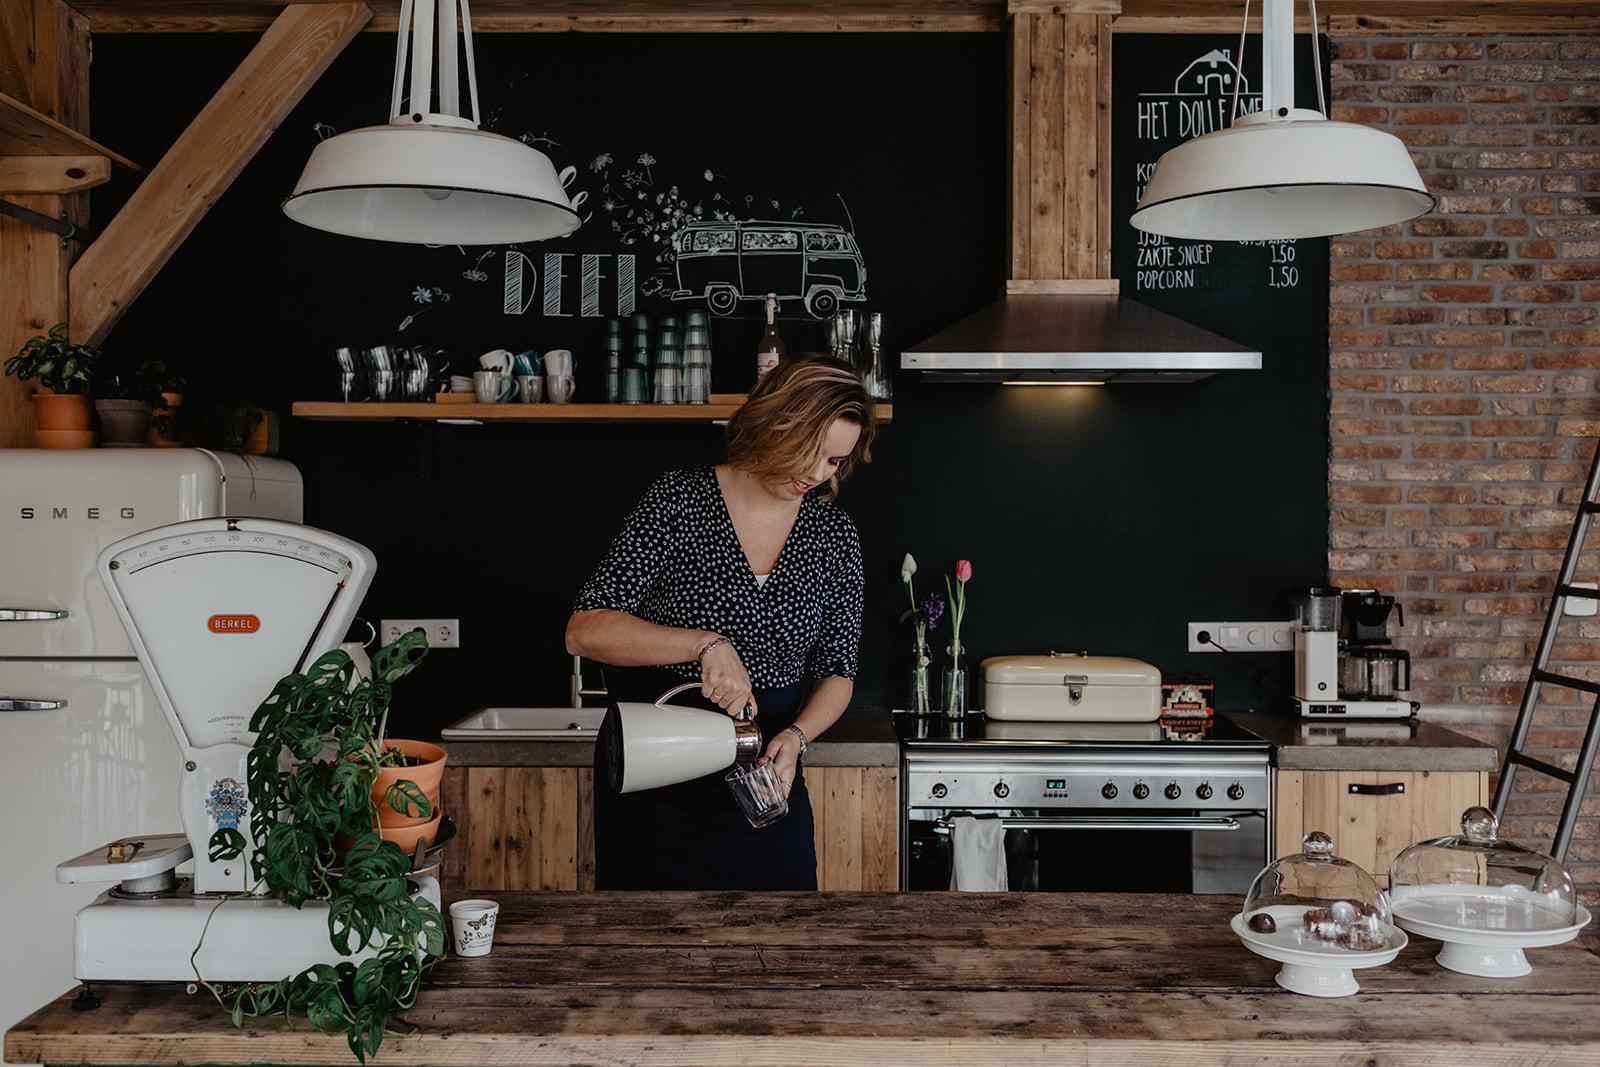 SEO Advies en ondersteuning - RUMR Marketing Zwolle